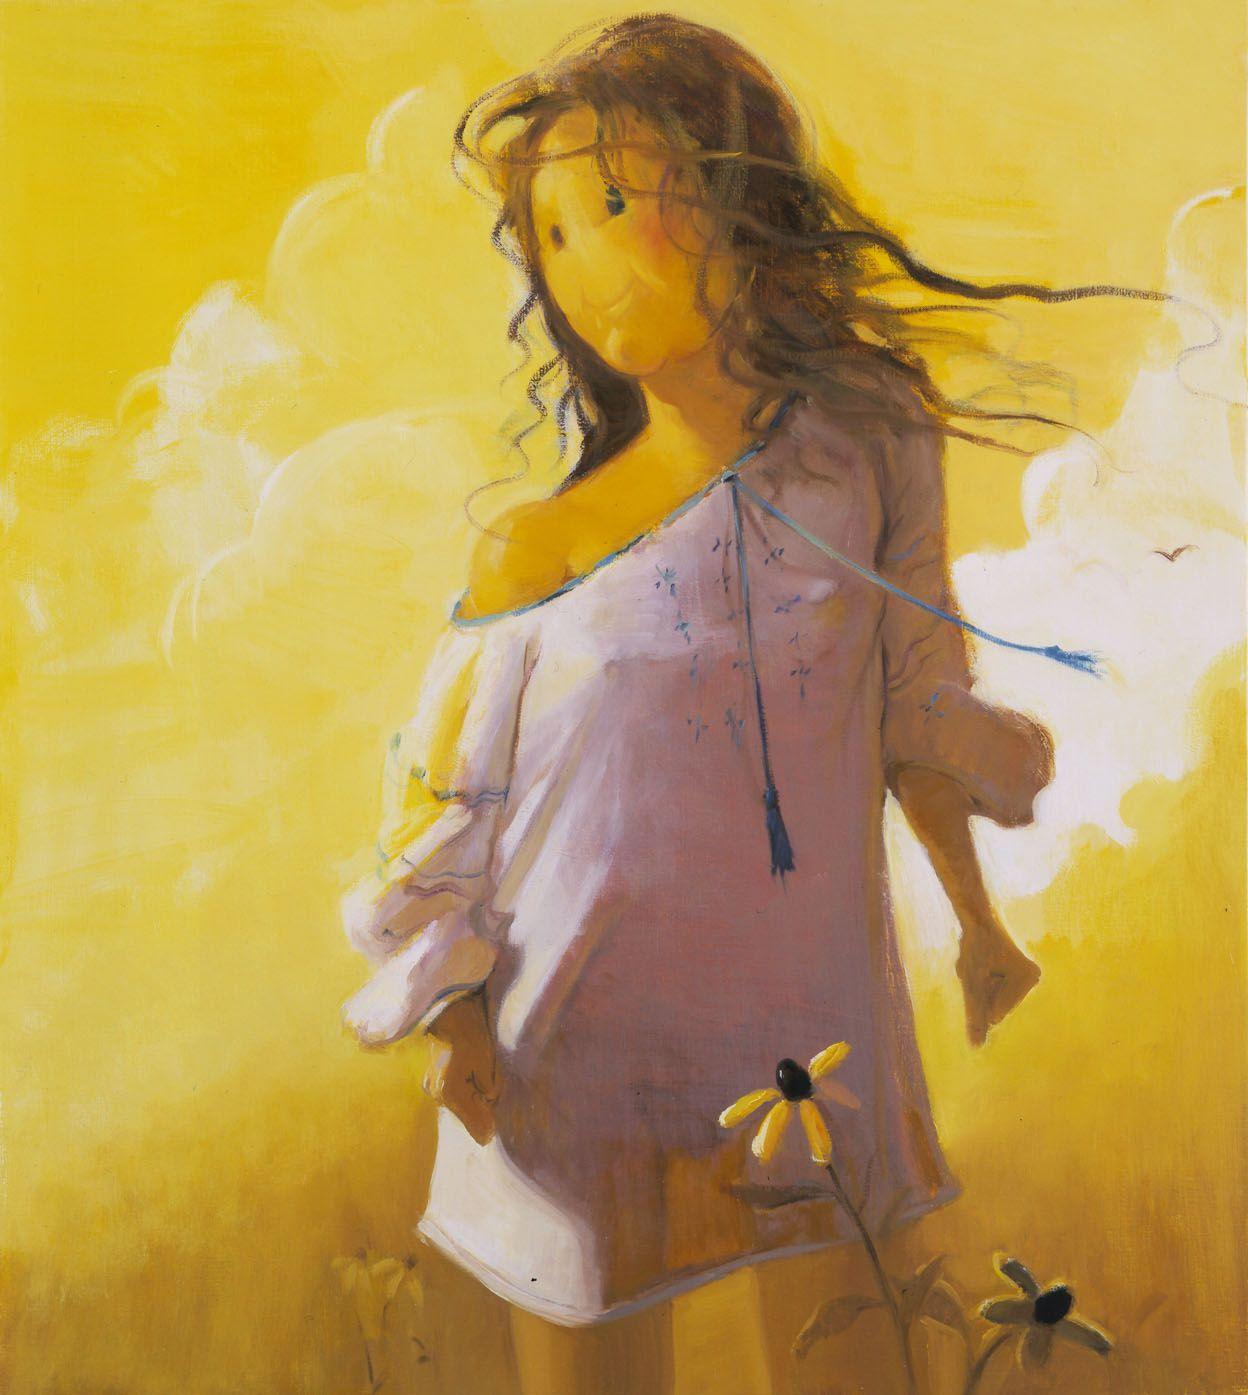 Smiley, 2003, Oil on linen